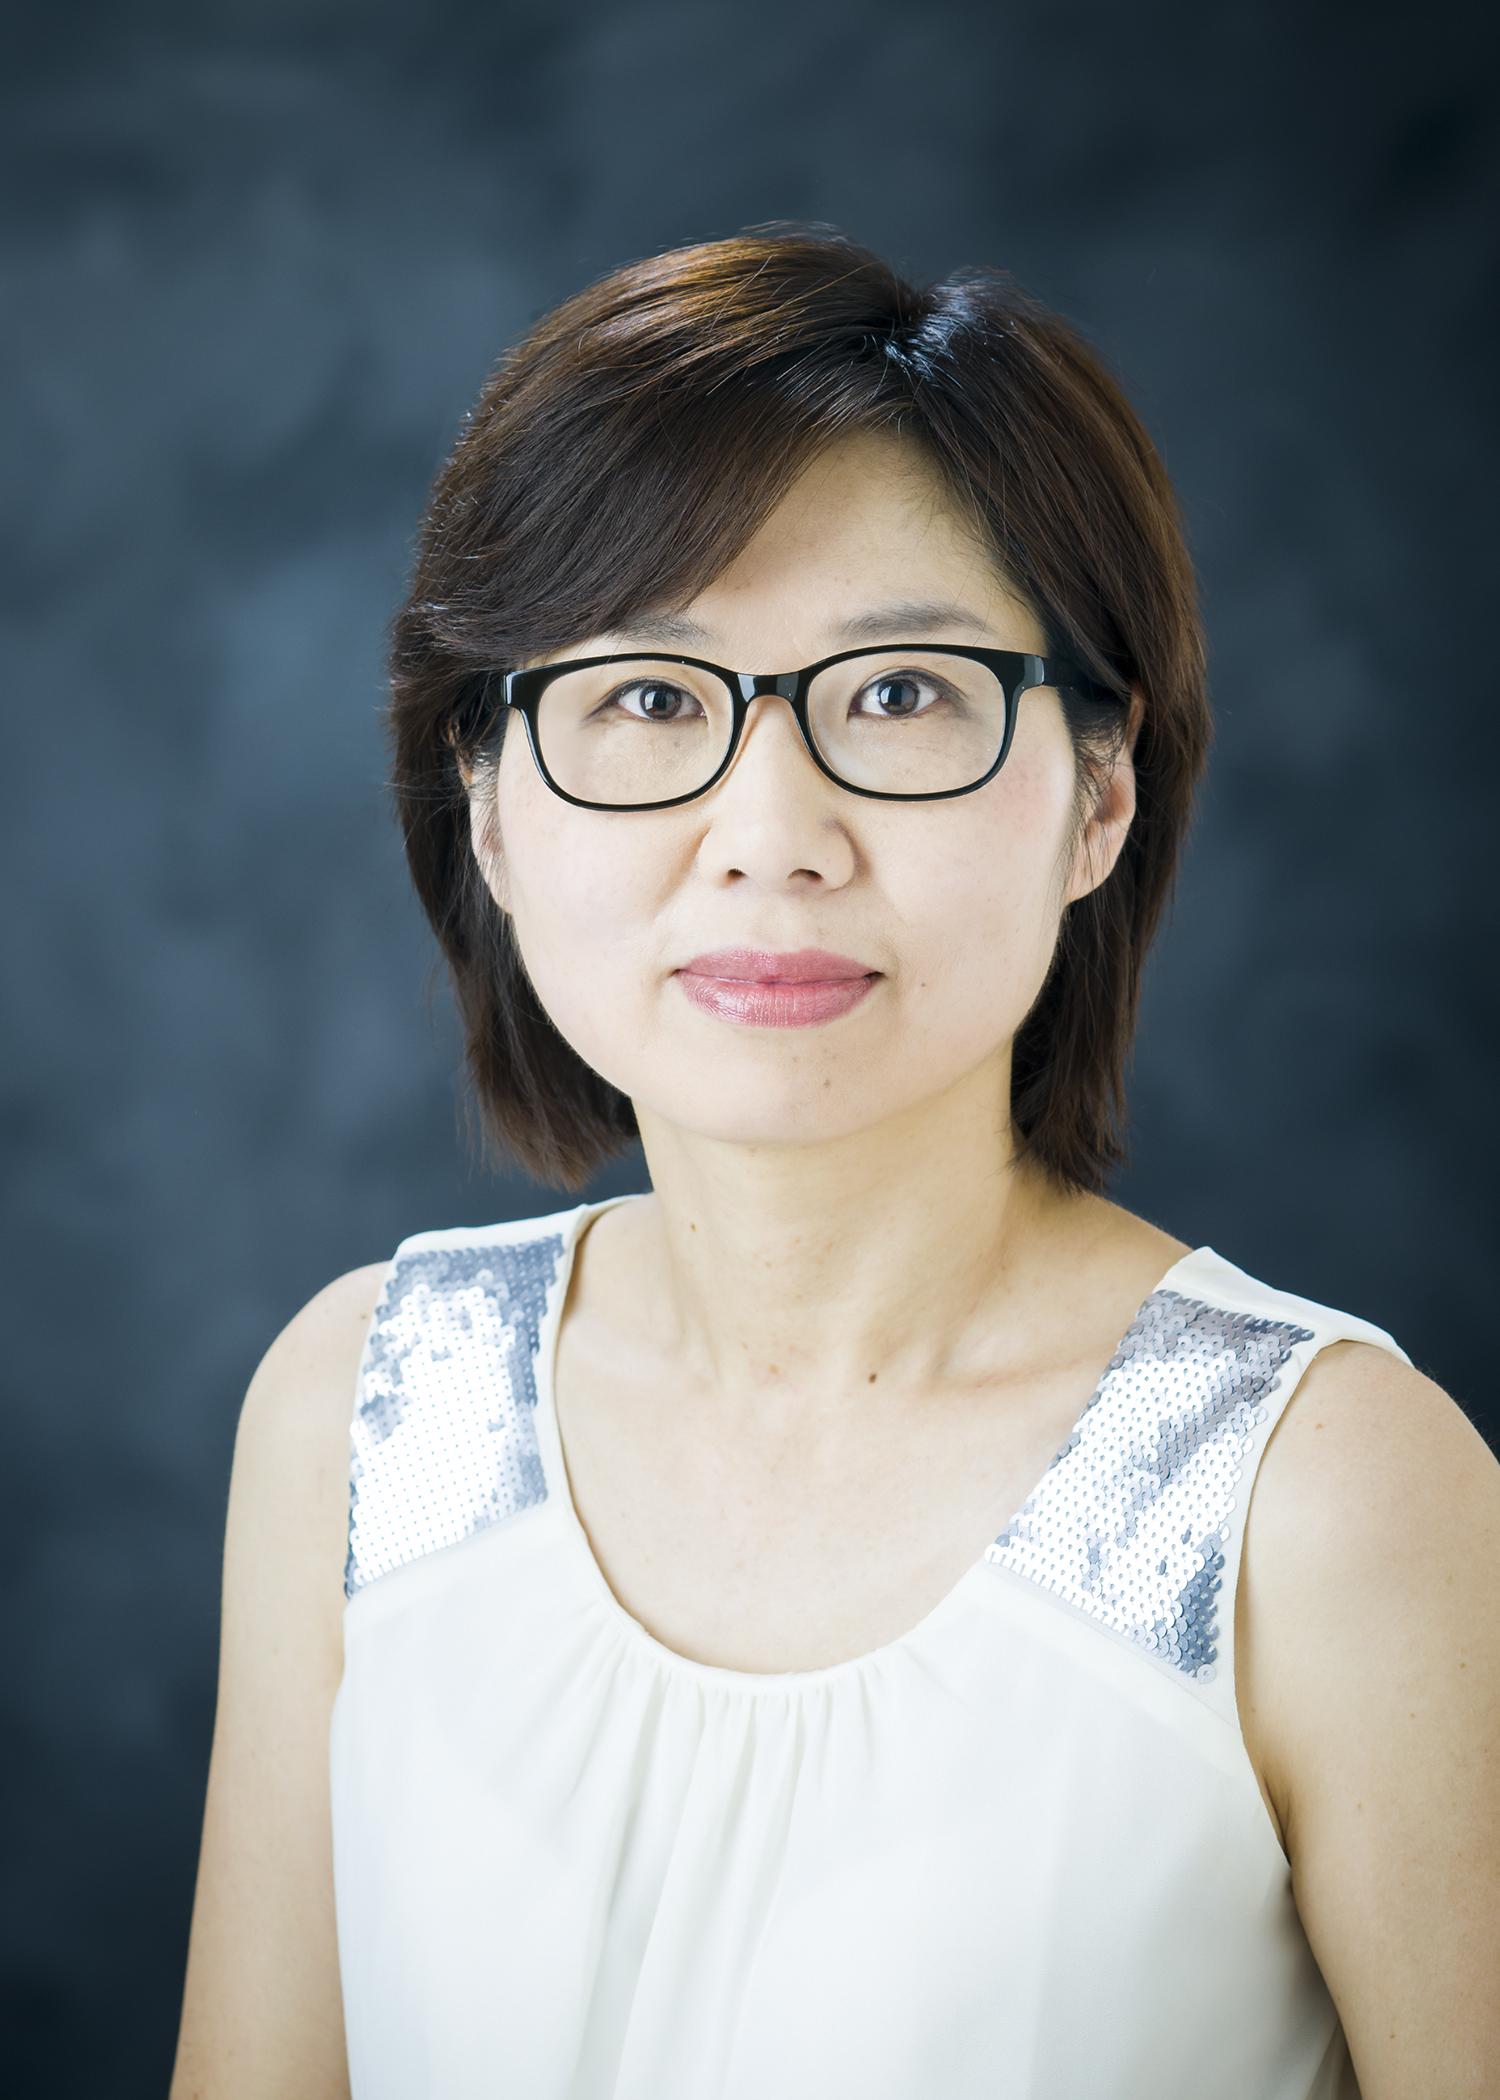 Dr. Joo Youn Park